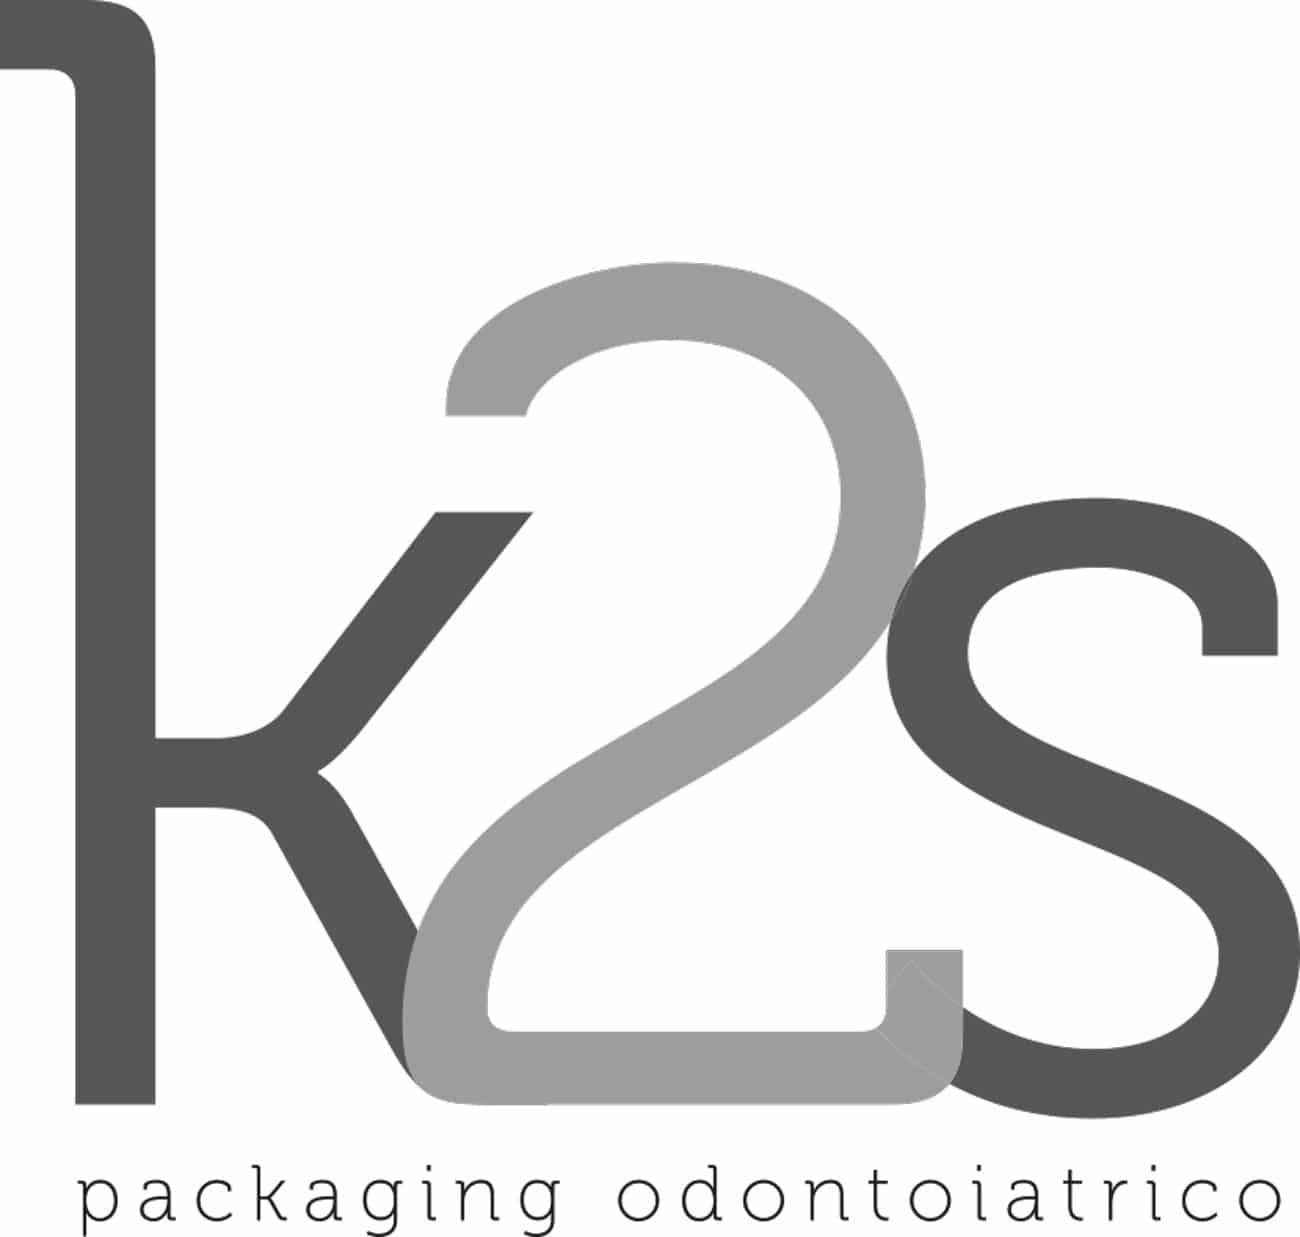 dentalbest_k2s002